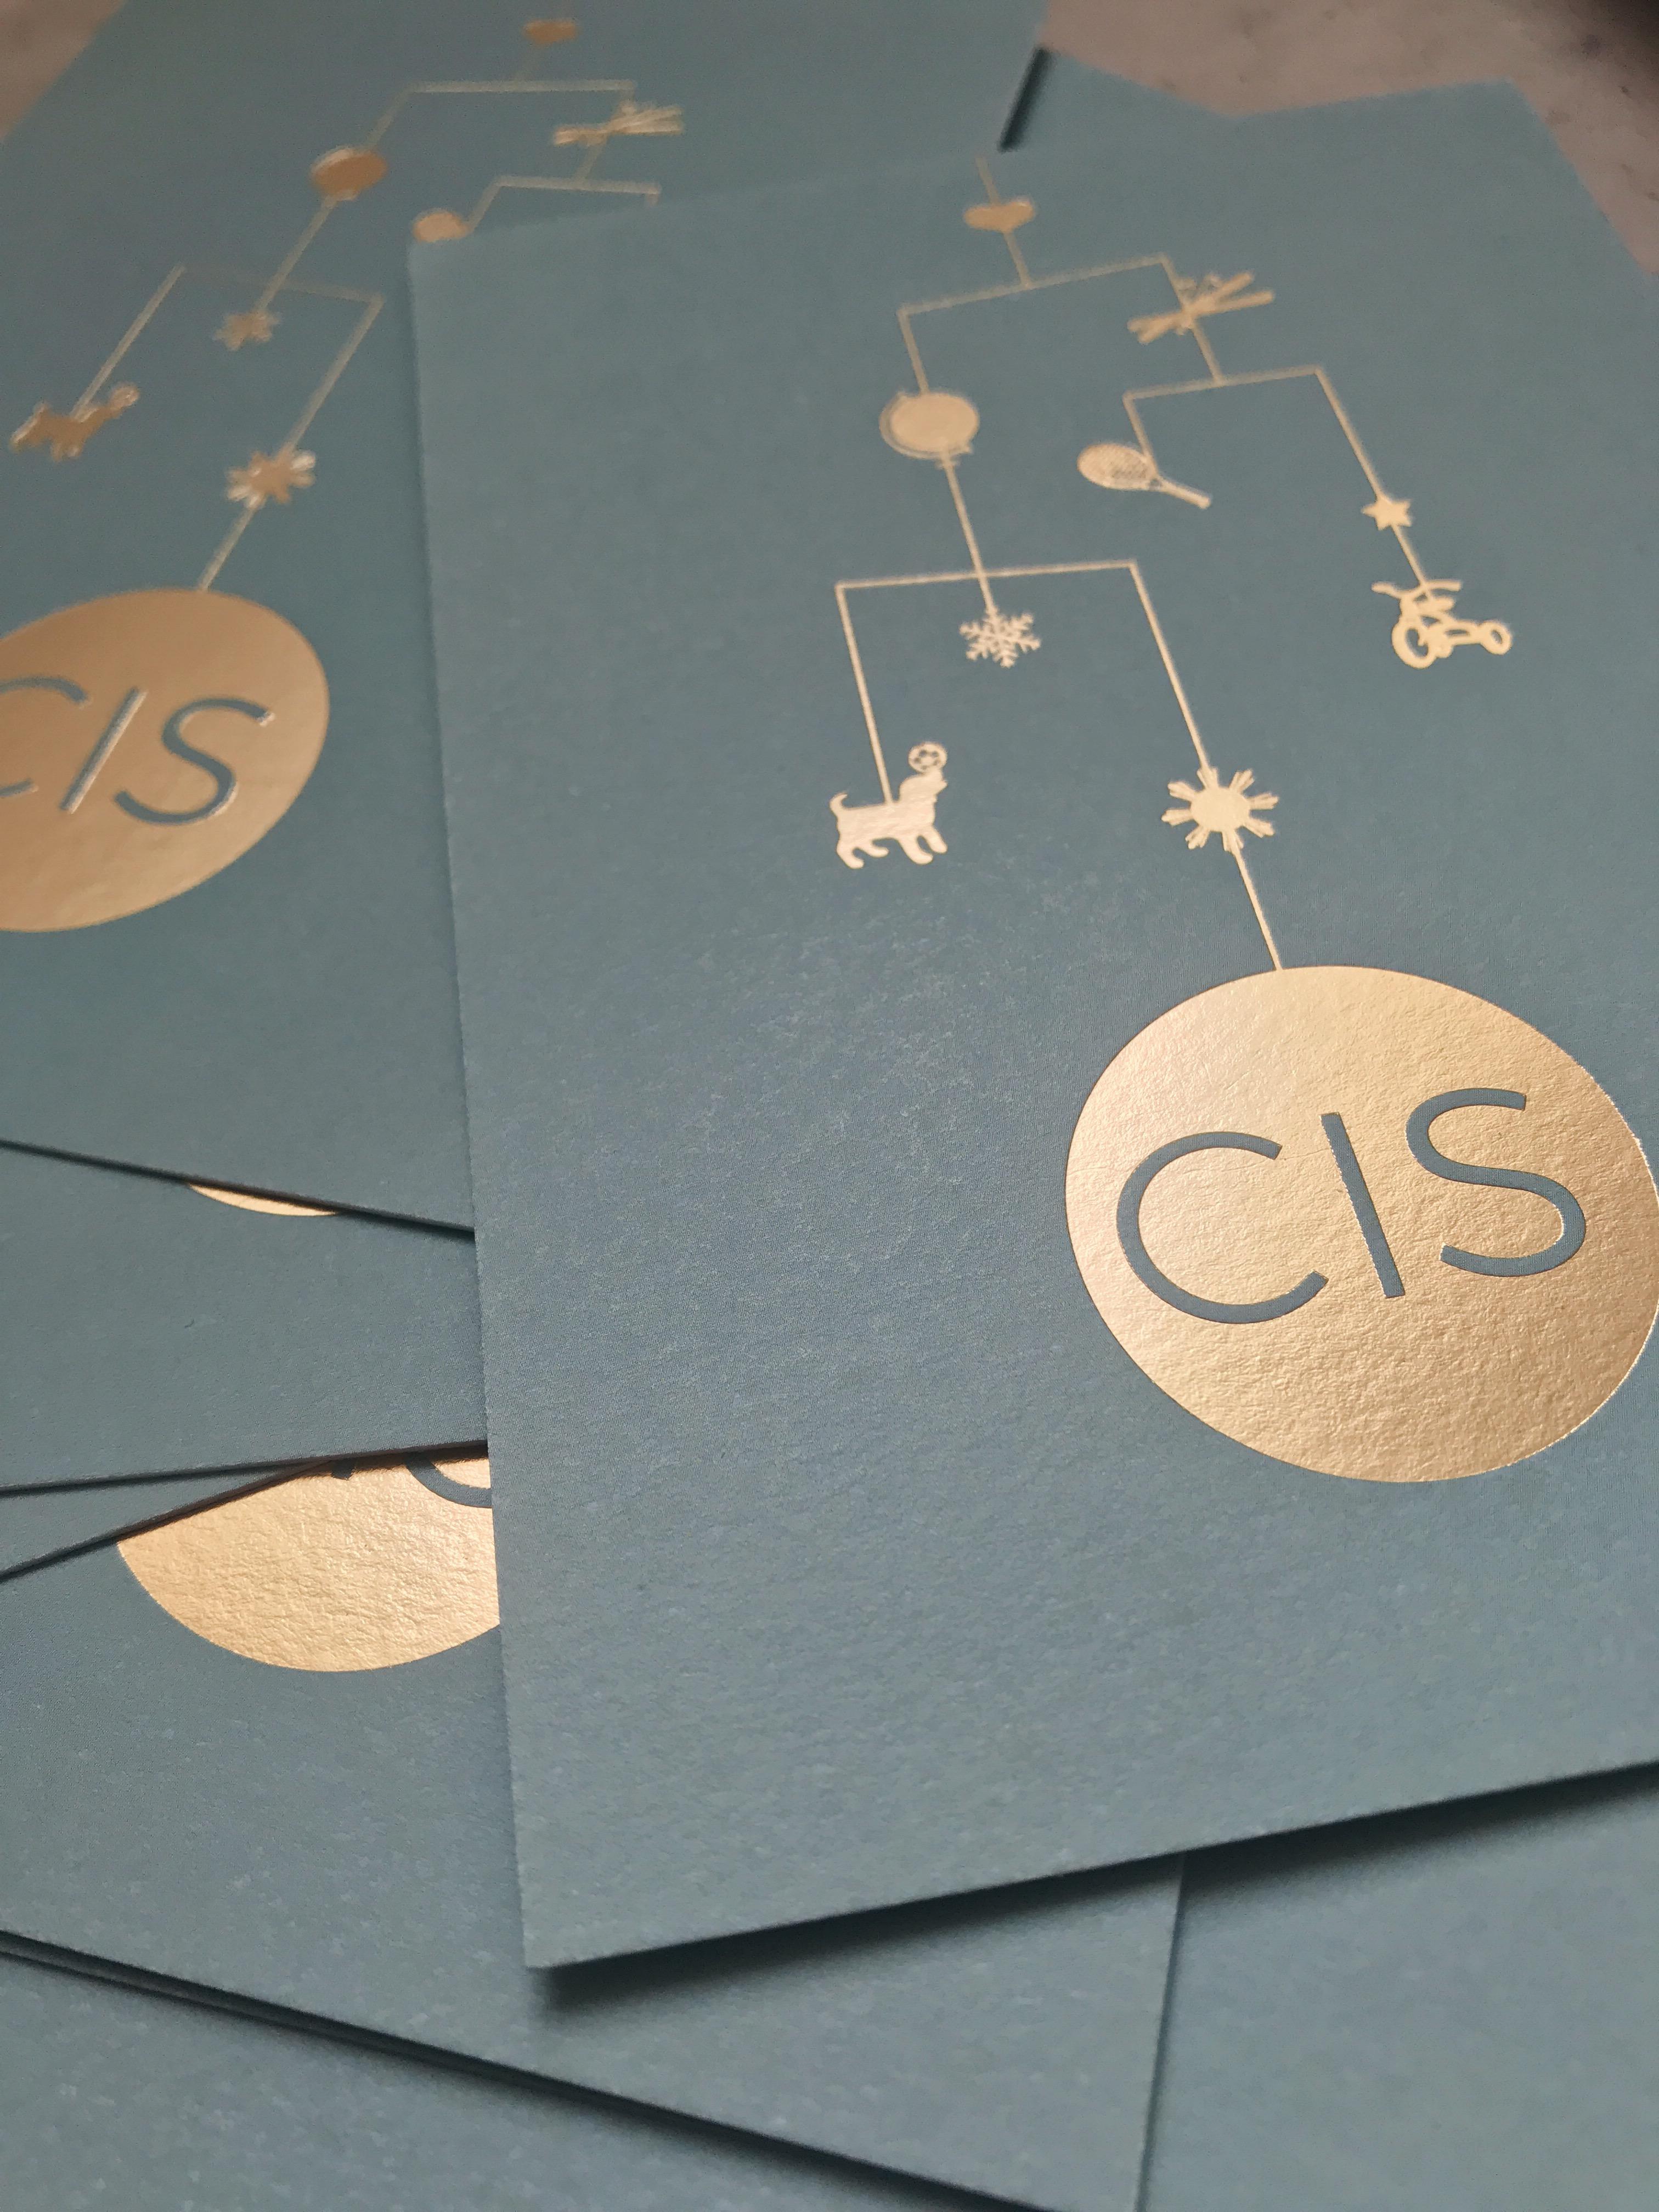 Geboortekaartje Cis - Mobiel - goudfolie - mobile - persoonlijk geboortekaartje